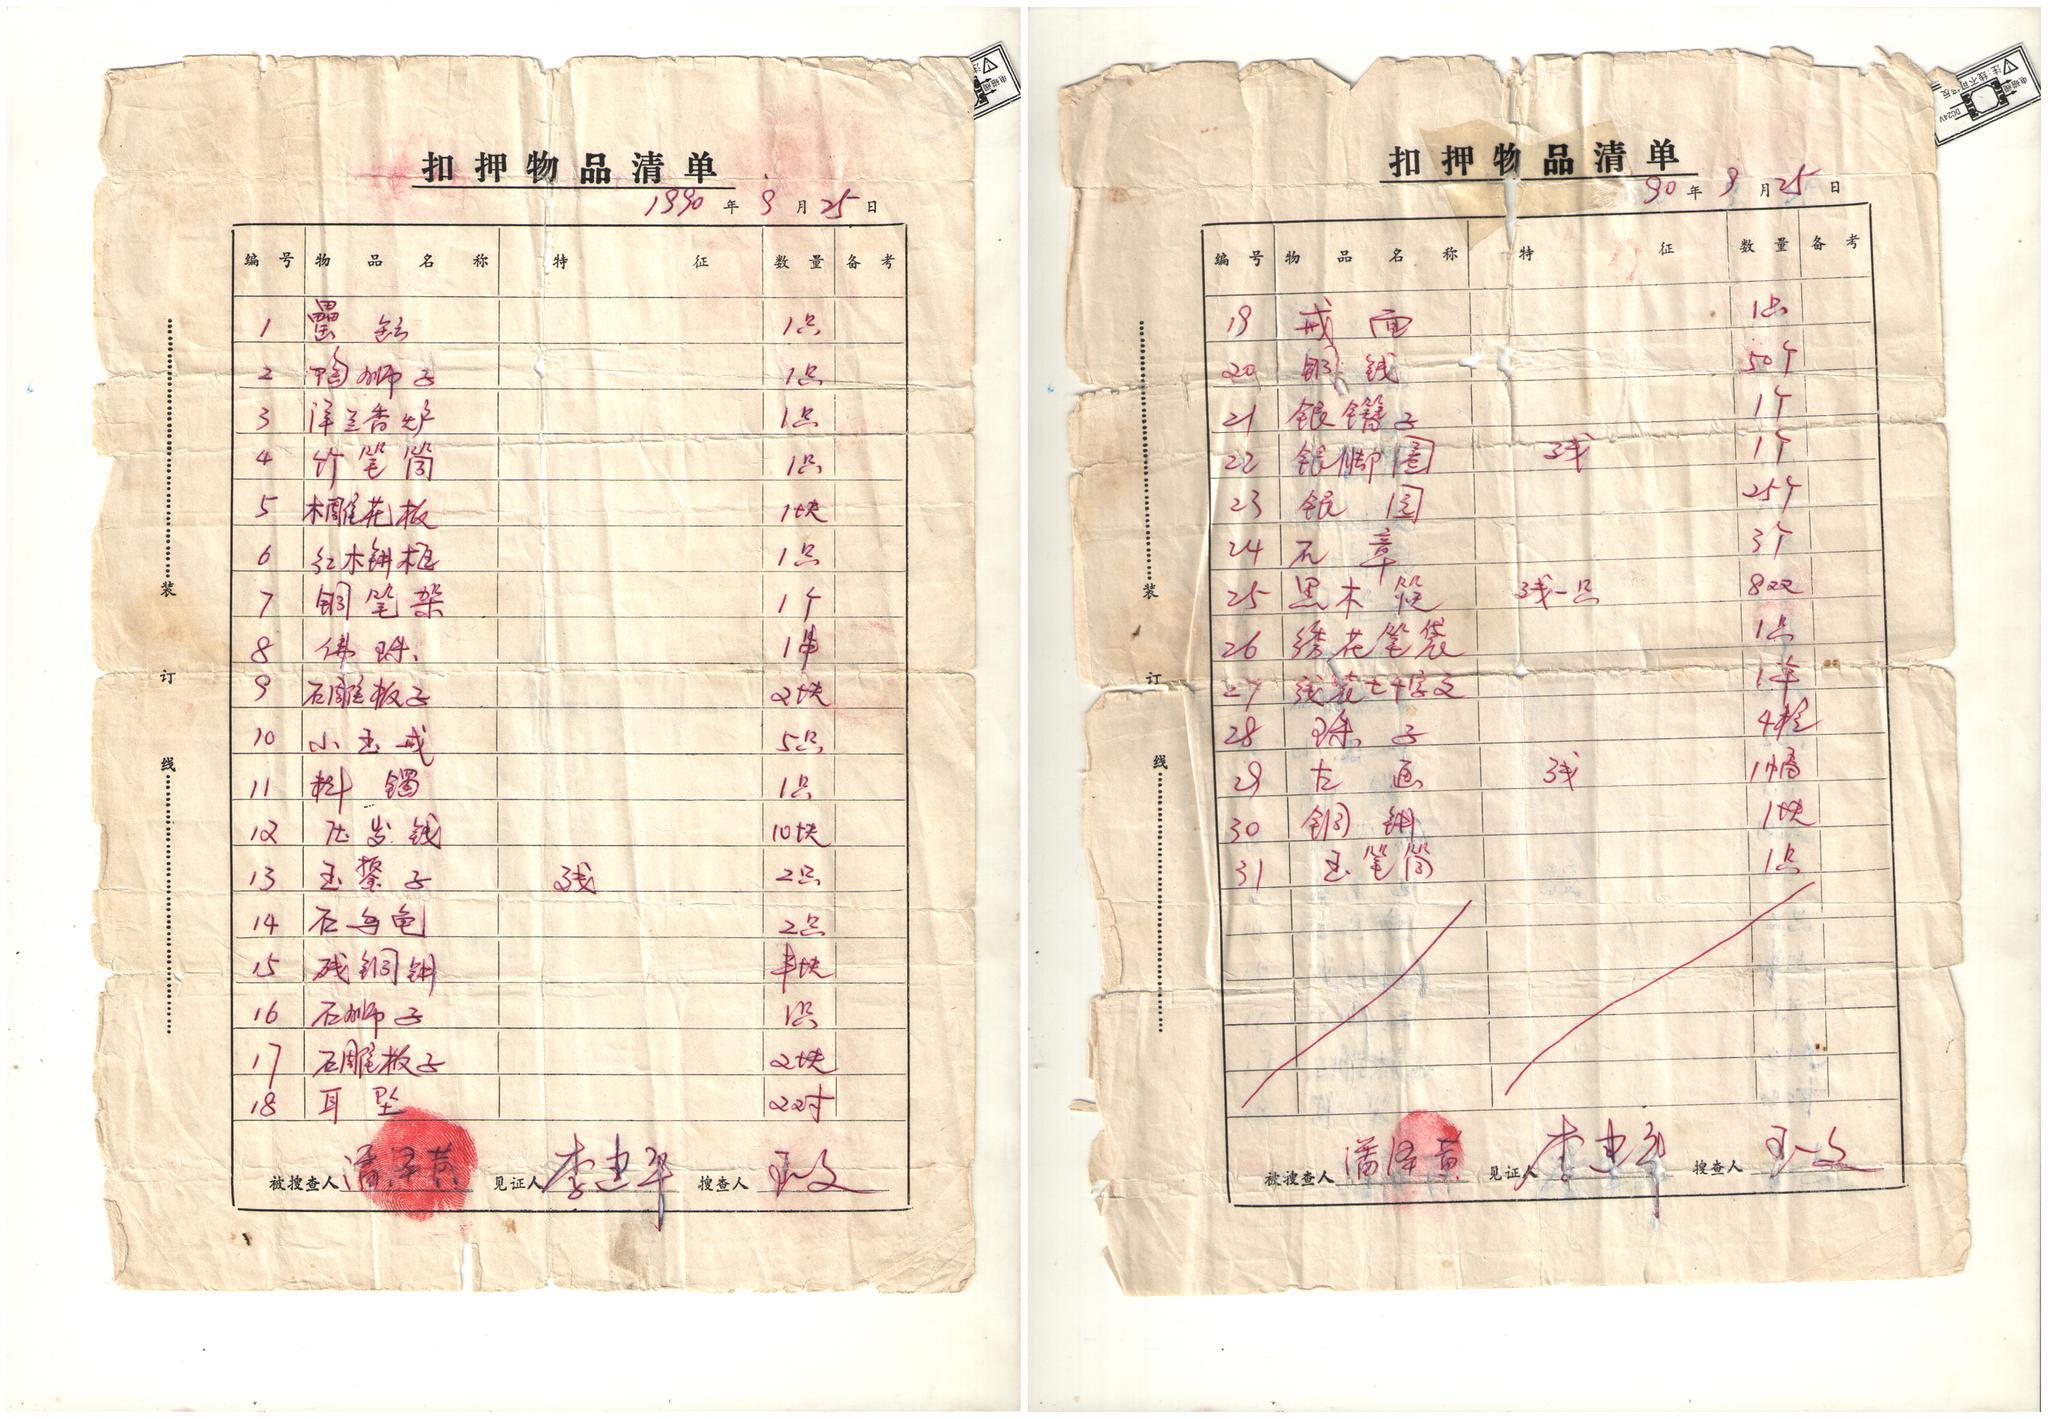 腾博会官网9887com @黑龙江参保人员,跨省异地就医定点医疗机构数量又增加了|二级以下定点医疗机构超20000家